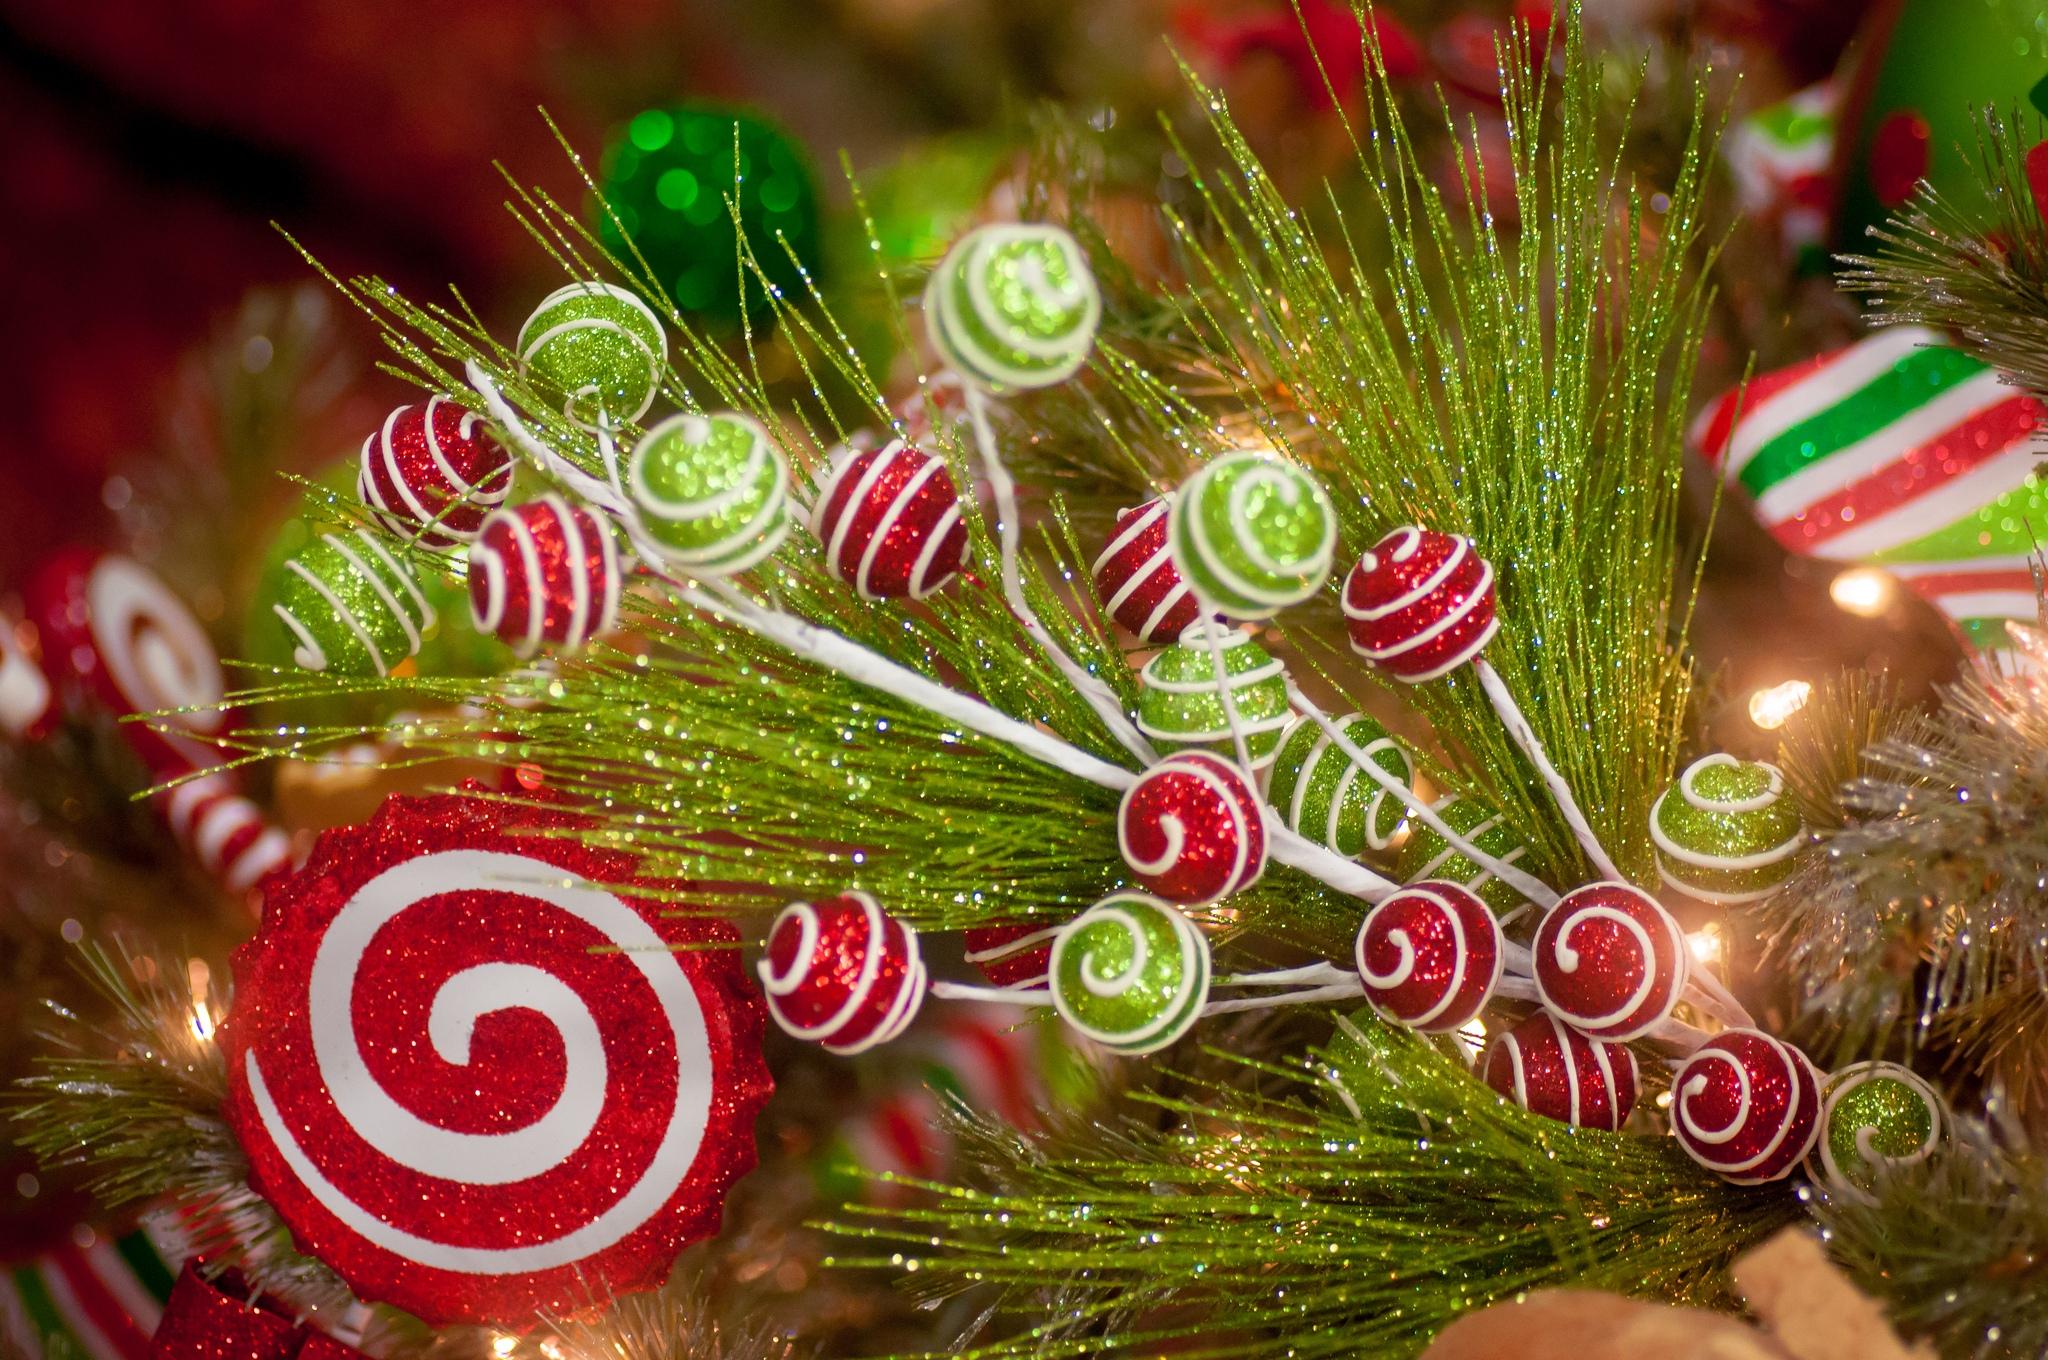 60243 Hintergrundbild herunterladen Feiertage, Neujahr, Spielzeug, Scheinen, Brillanz, Neues Jahr, Urlaub, Ast, Zweig, Dekorativ, Dekorative - Bildschirmschoner und Bilder kostenlos